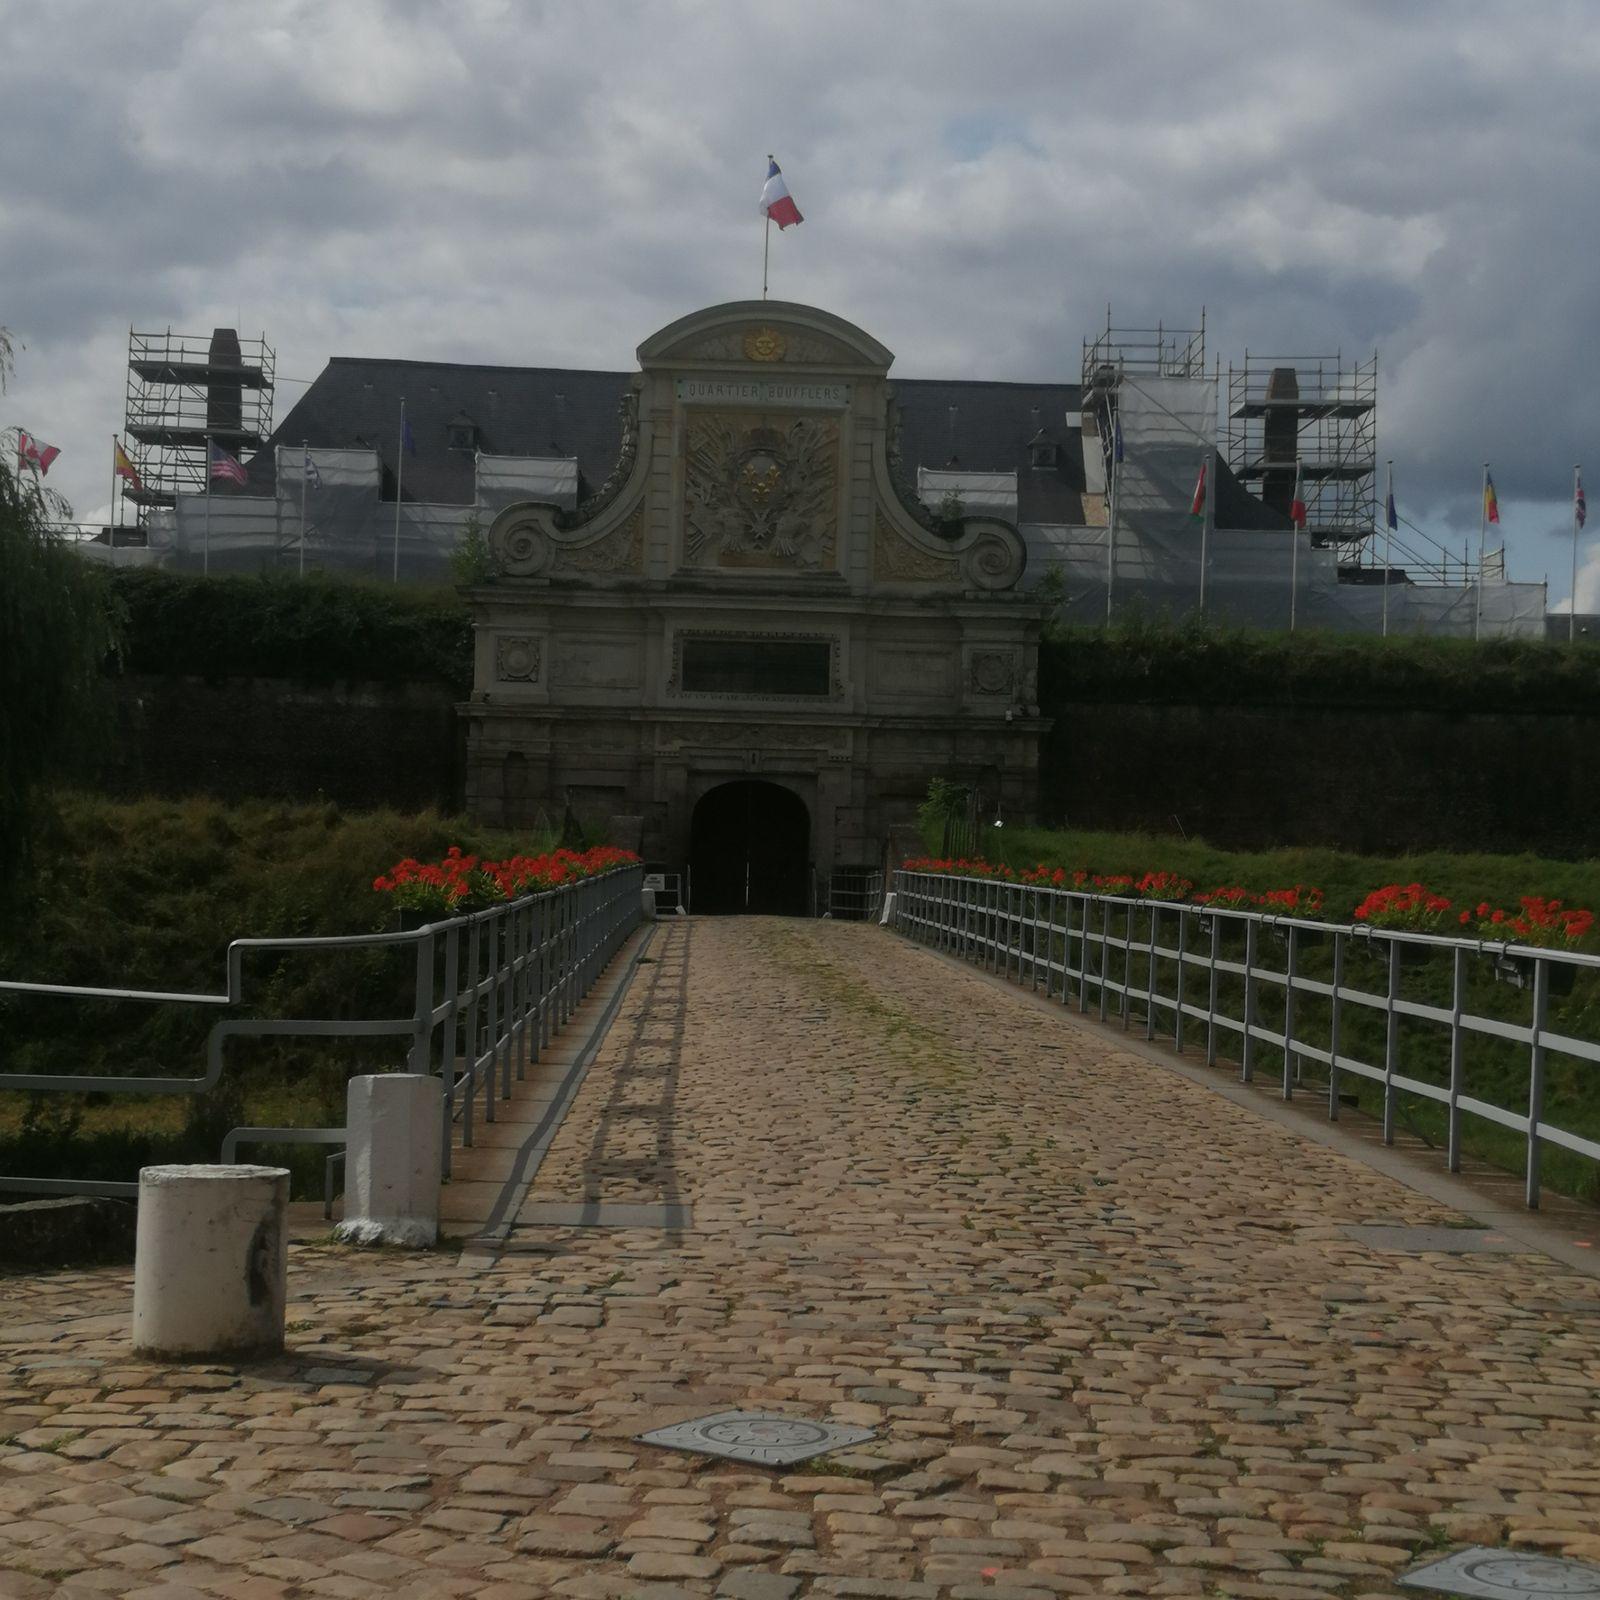 Frites au Maroilles - balade régionale à la foire aux manèges et à la citadelle de Lille